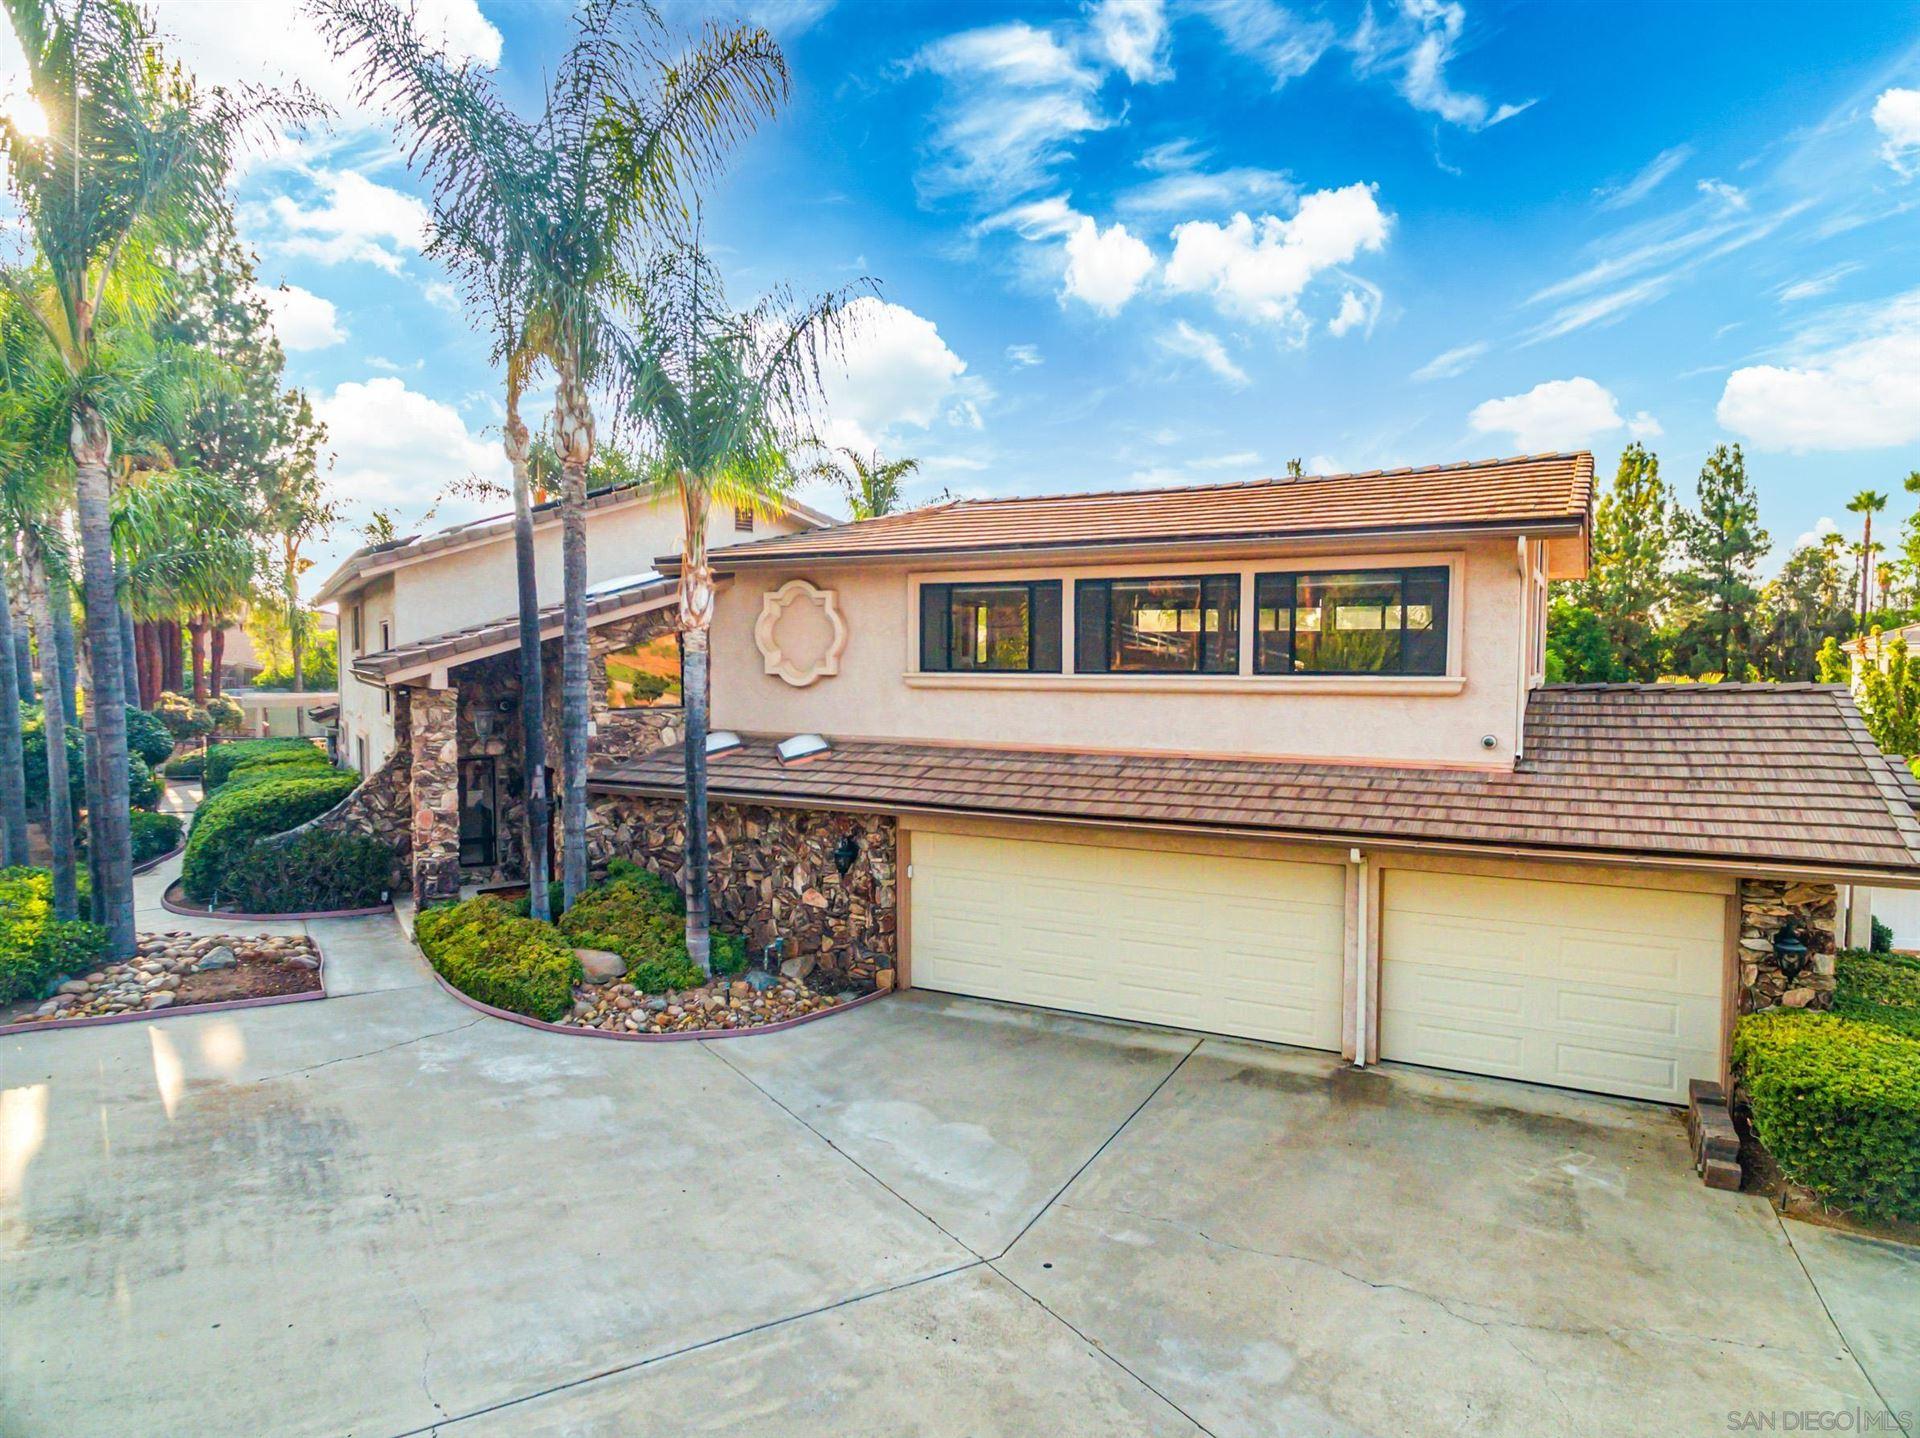 Photo of 844 Singing Heights, El Cajon, CA 92019 (MLS # 210026024)